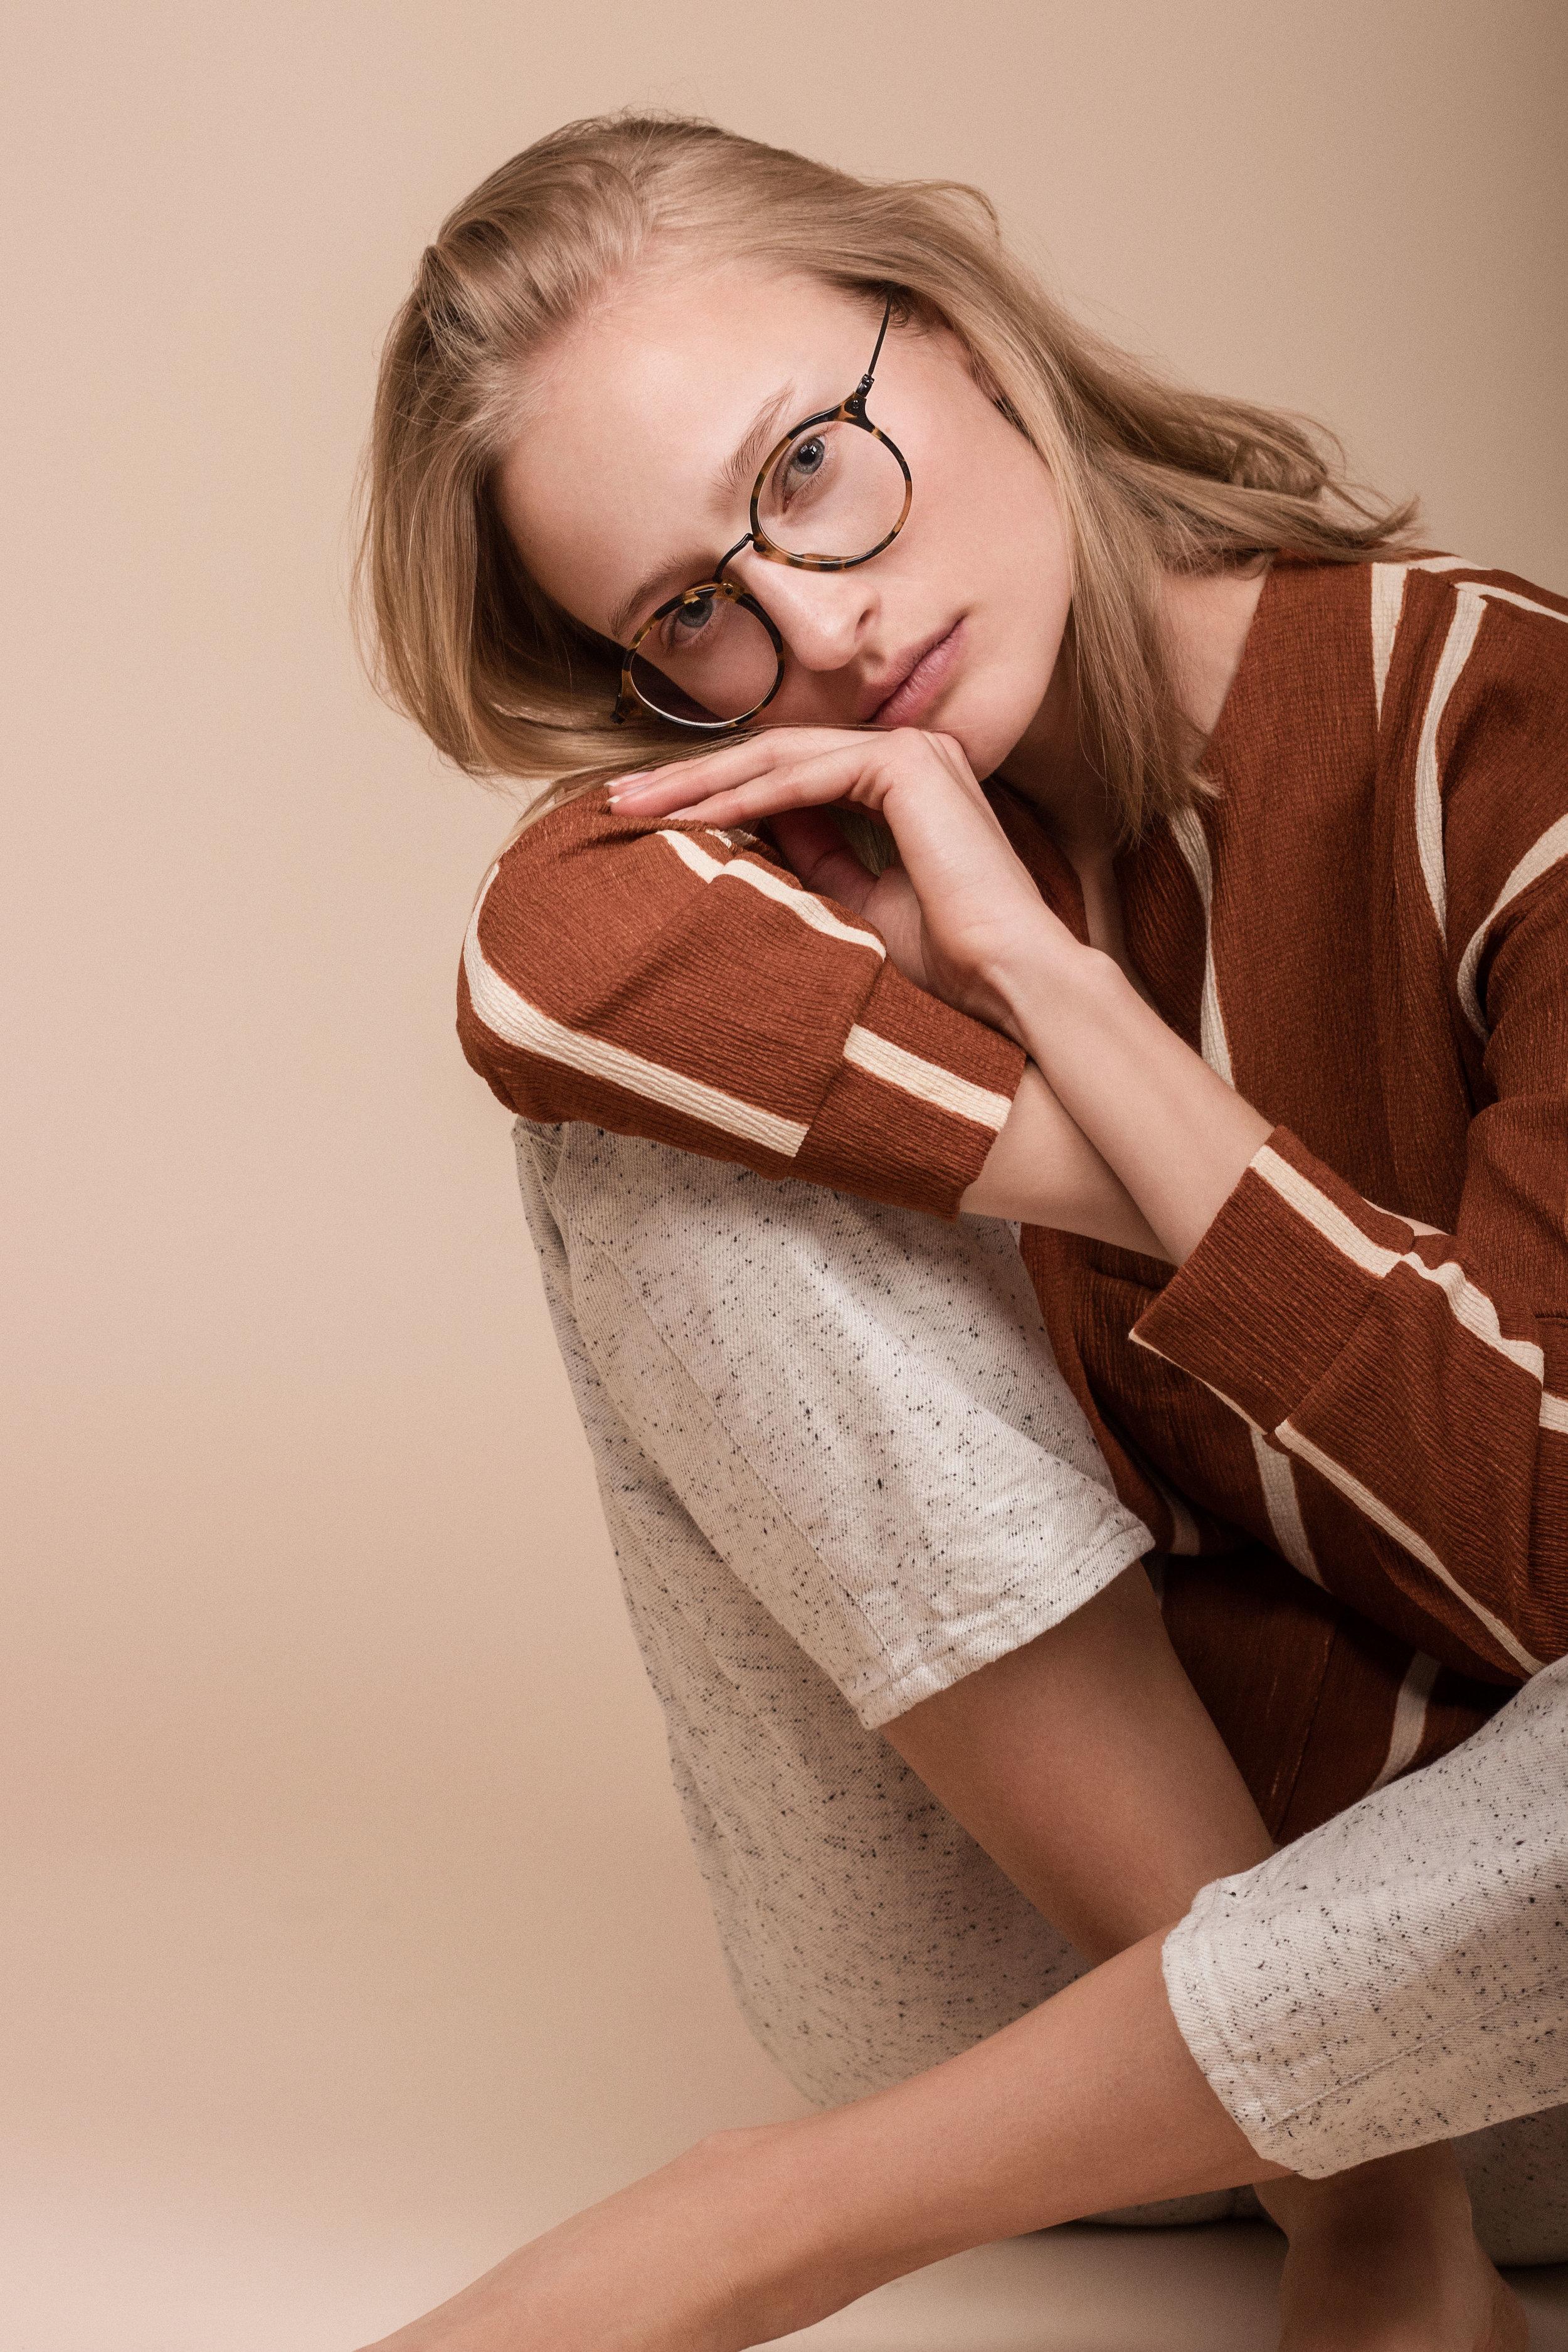 Topp fra  Zara  Bukse fra  COS  Briller fra  RayBan